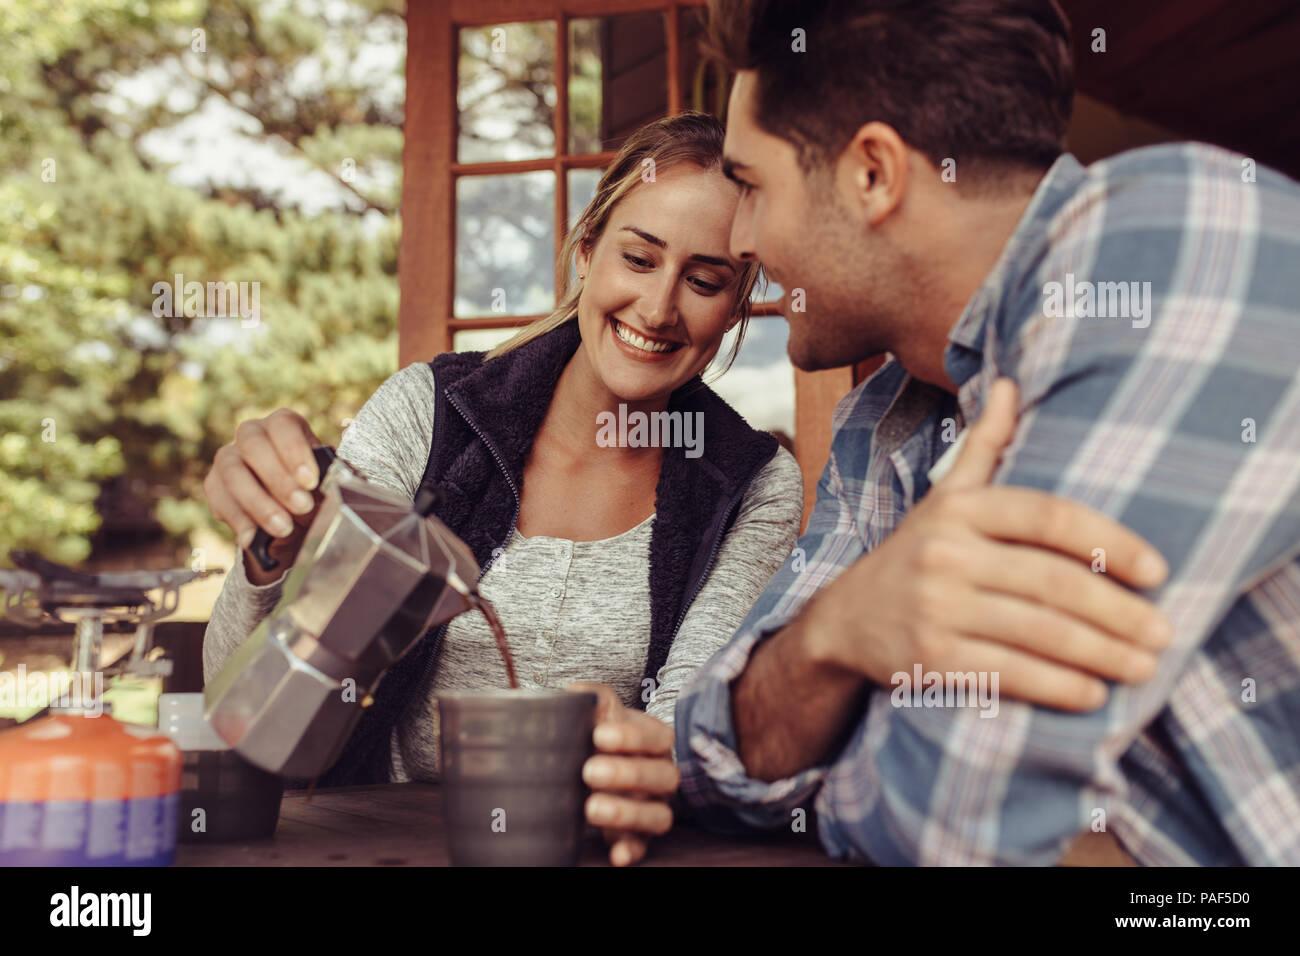 Feliz joven sirviendo café a su novio. Par tener el café de la mañana. Mujer vertiendo el café en la taza de su novio. Imagen De Stock